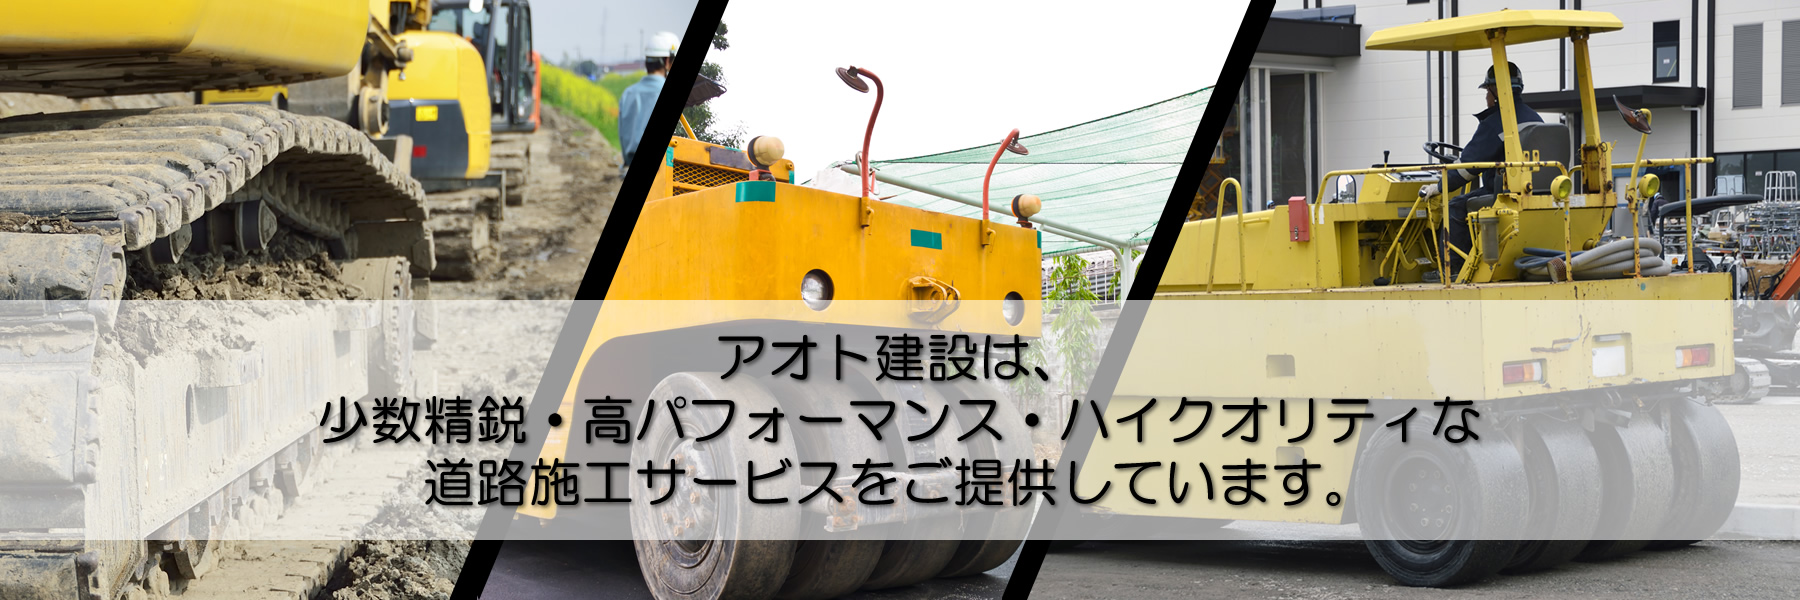 アオト建設は、少数精鋭・高パフォーマンス・ハイクオリティな道路施工サービスをご提供しています。